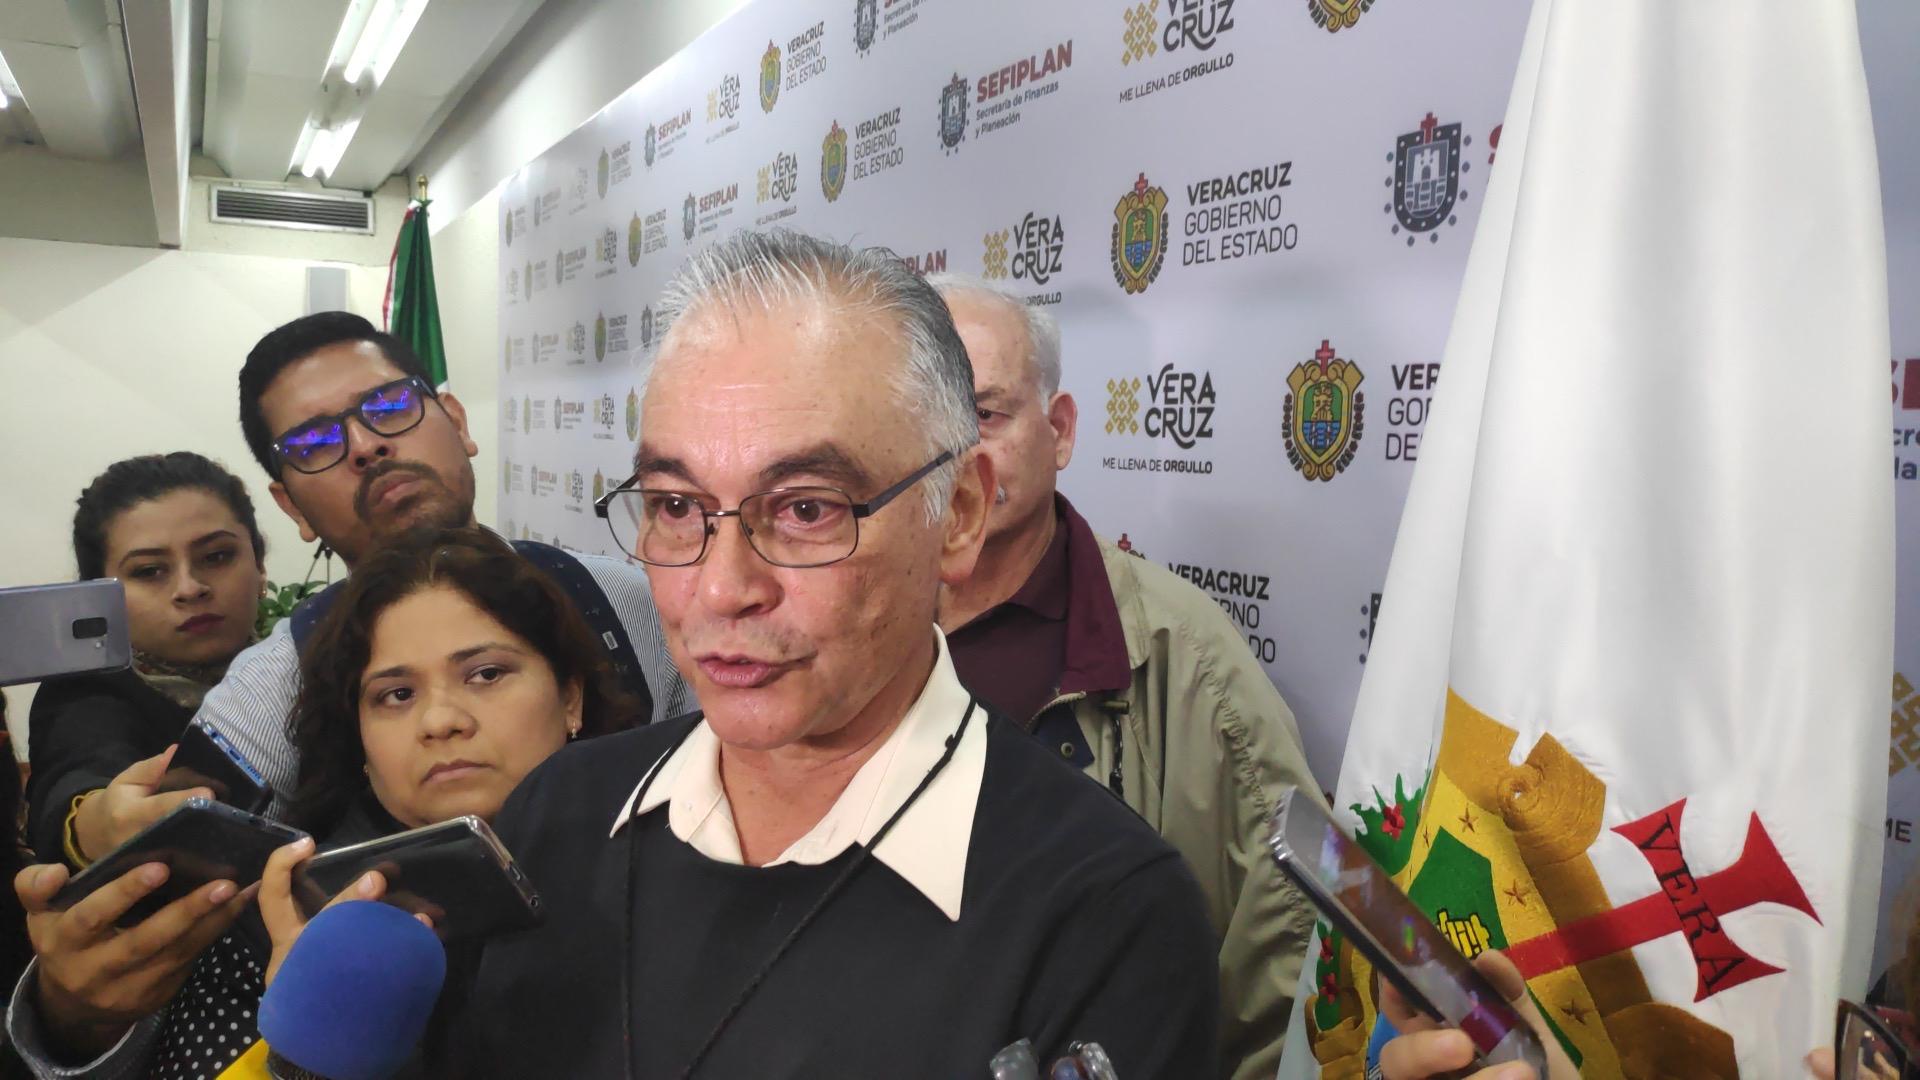 10 mil pesos no sirven para reactivar la economía, gobierno no está viviendo la misma realidad: SOS